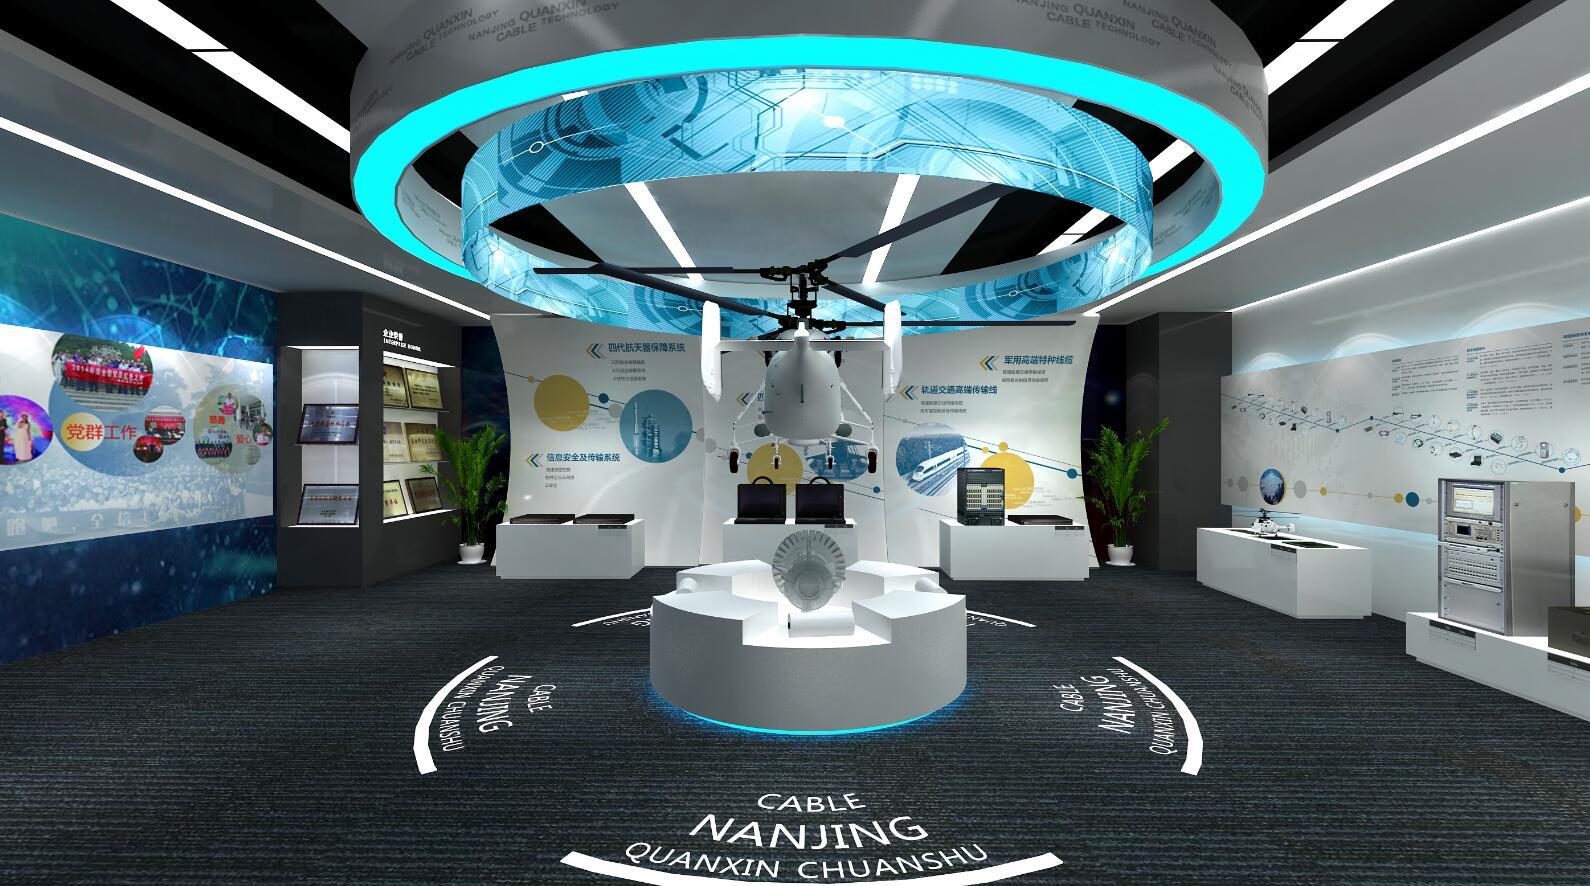 企业展厅在色彩上的选择需要结合其相应特征